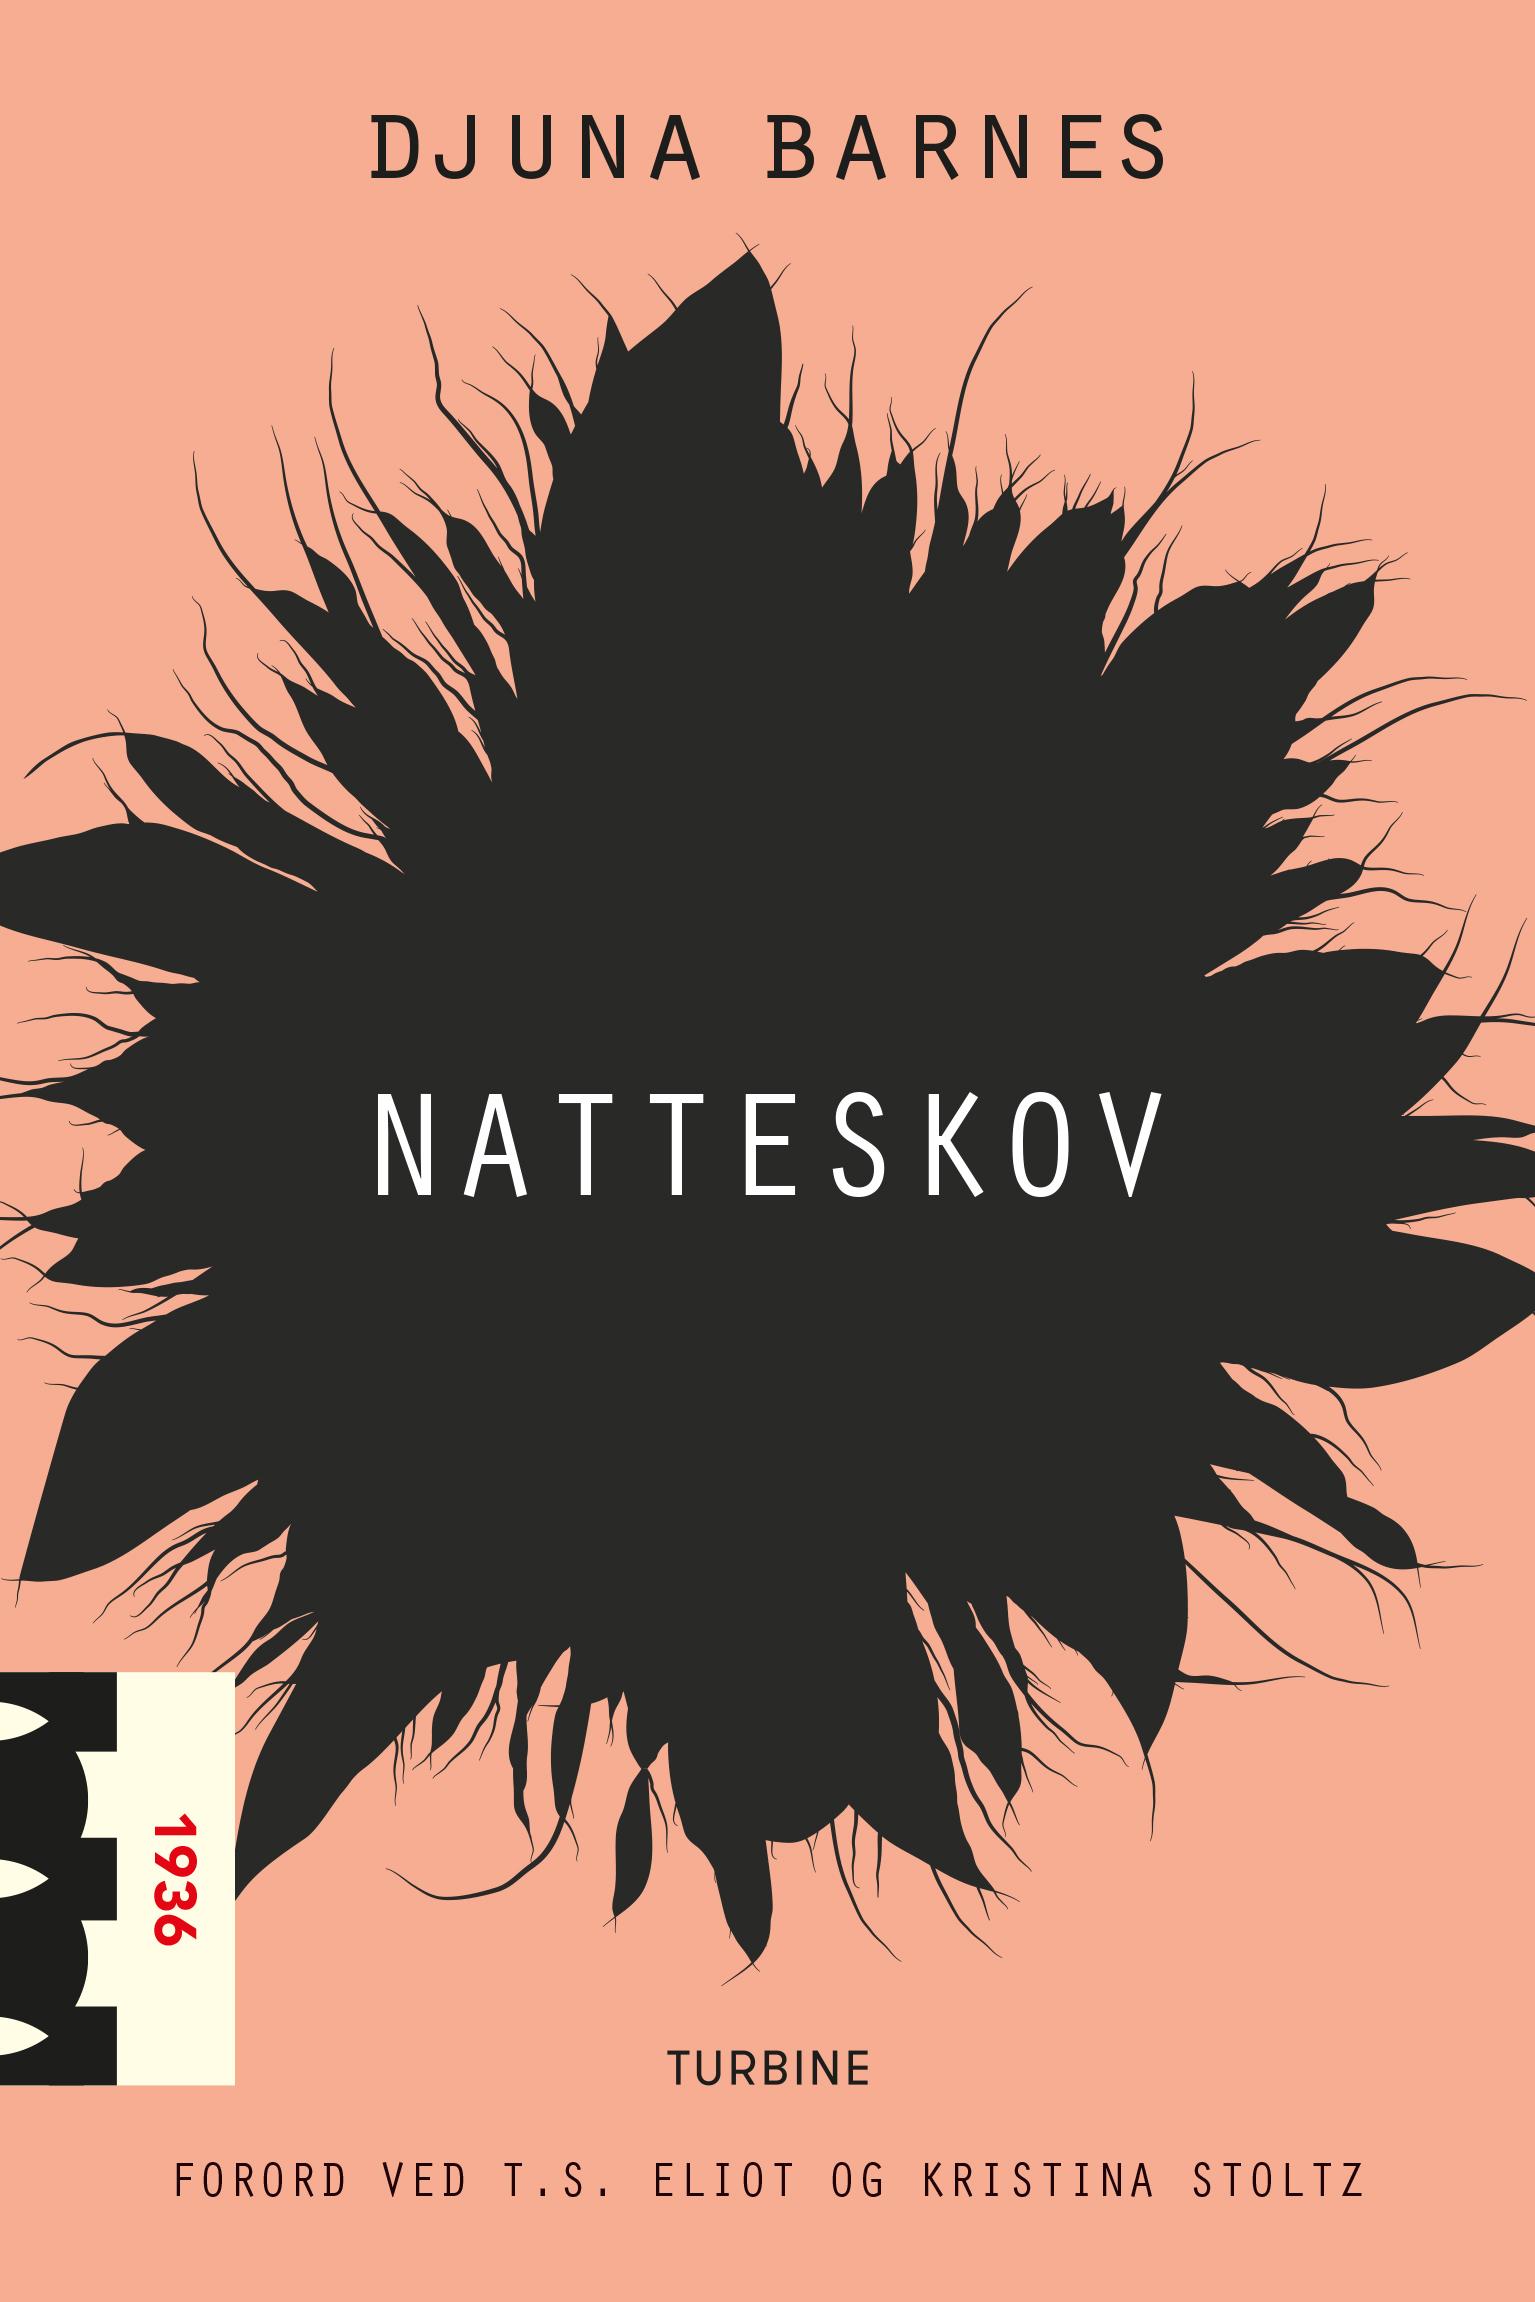 Natteskov